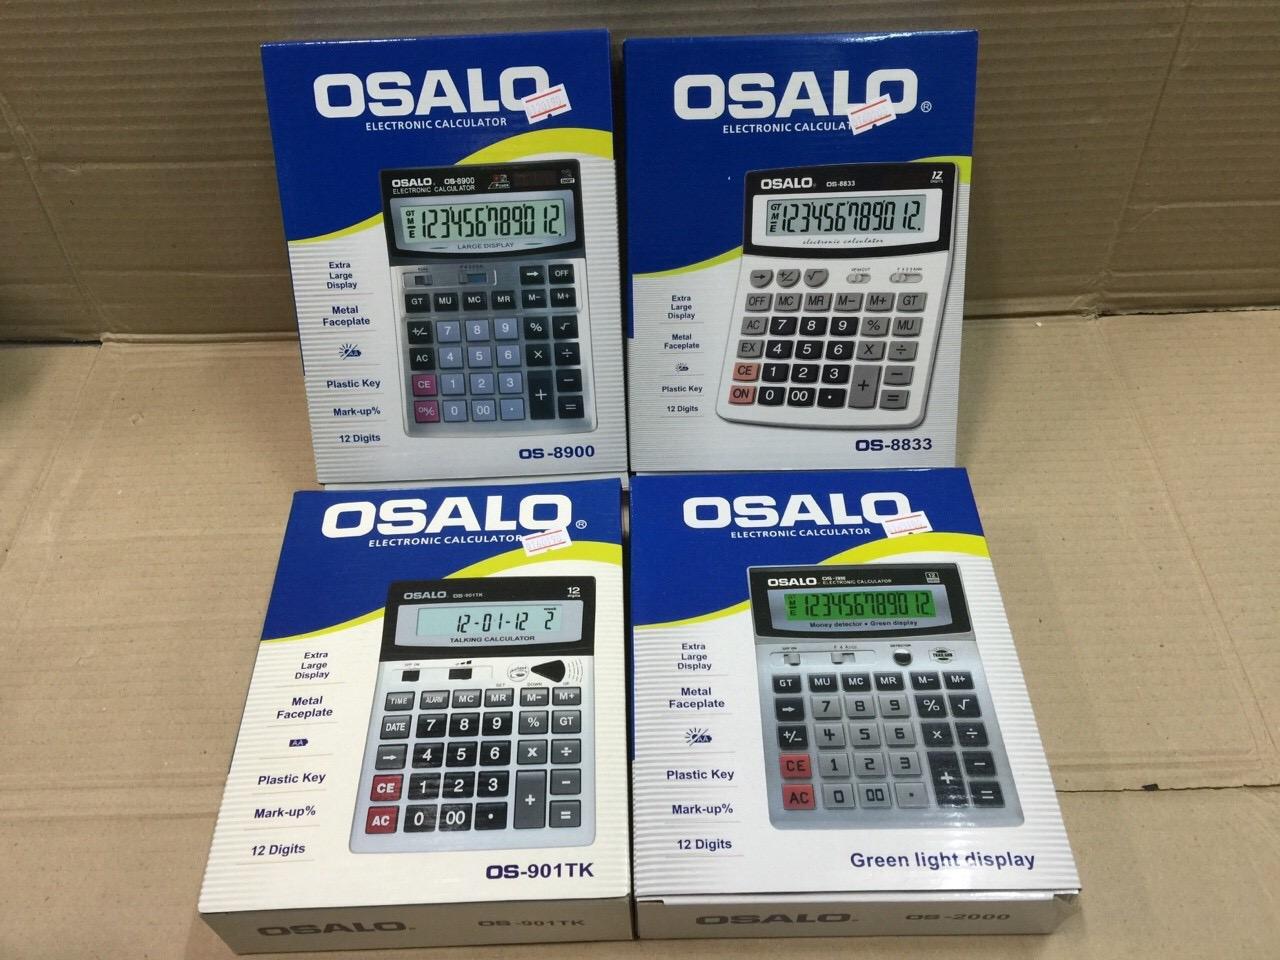 เครื่องคิดเลขจีน osalo รุ่น OS-901TK